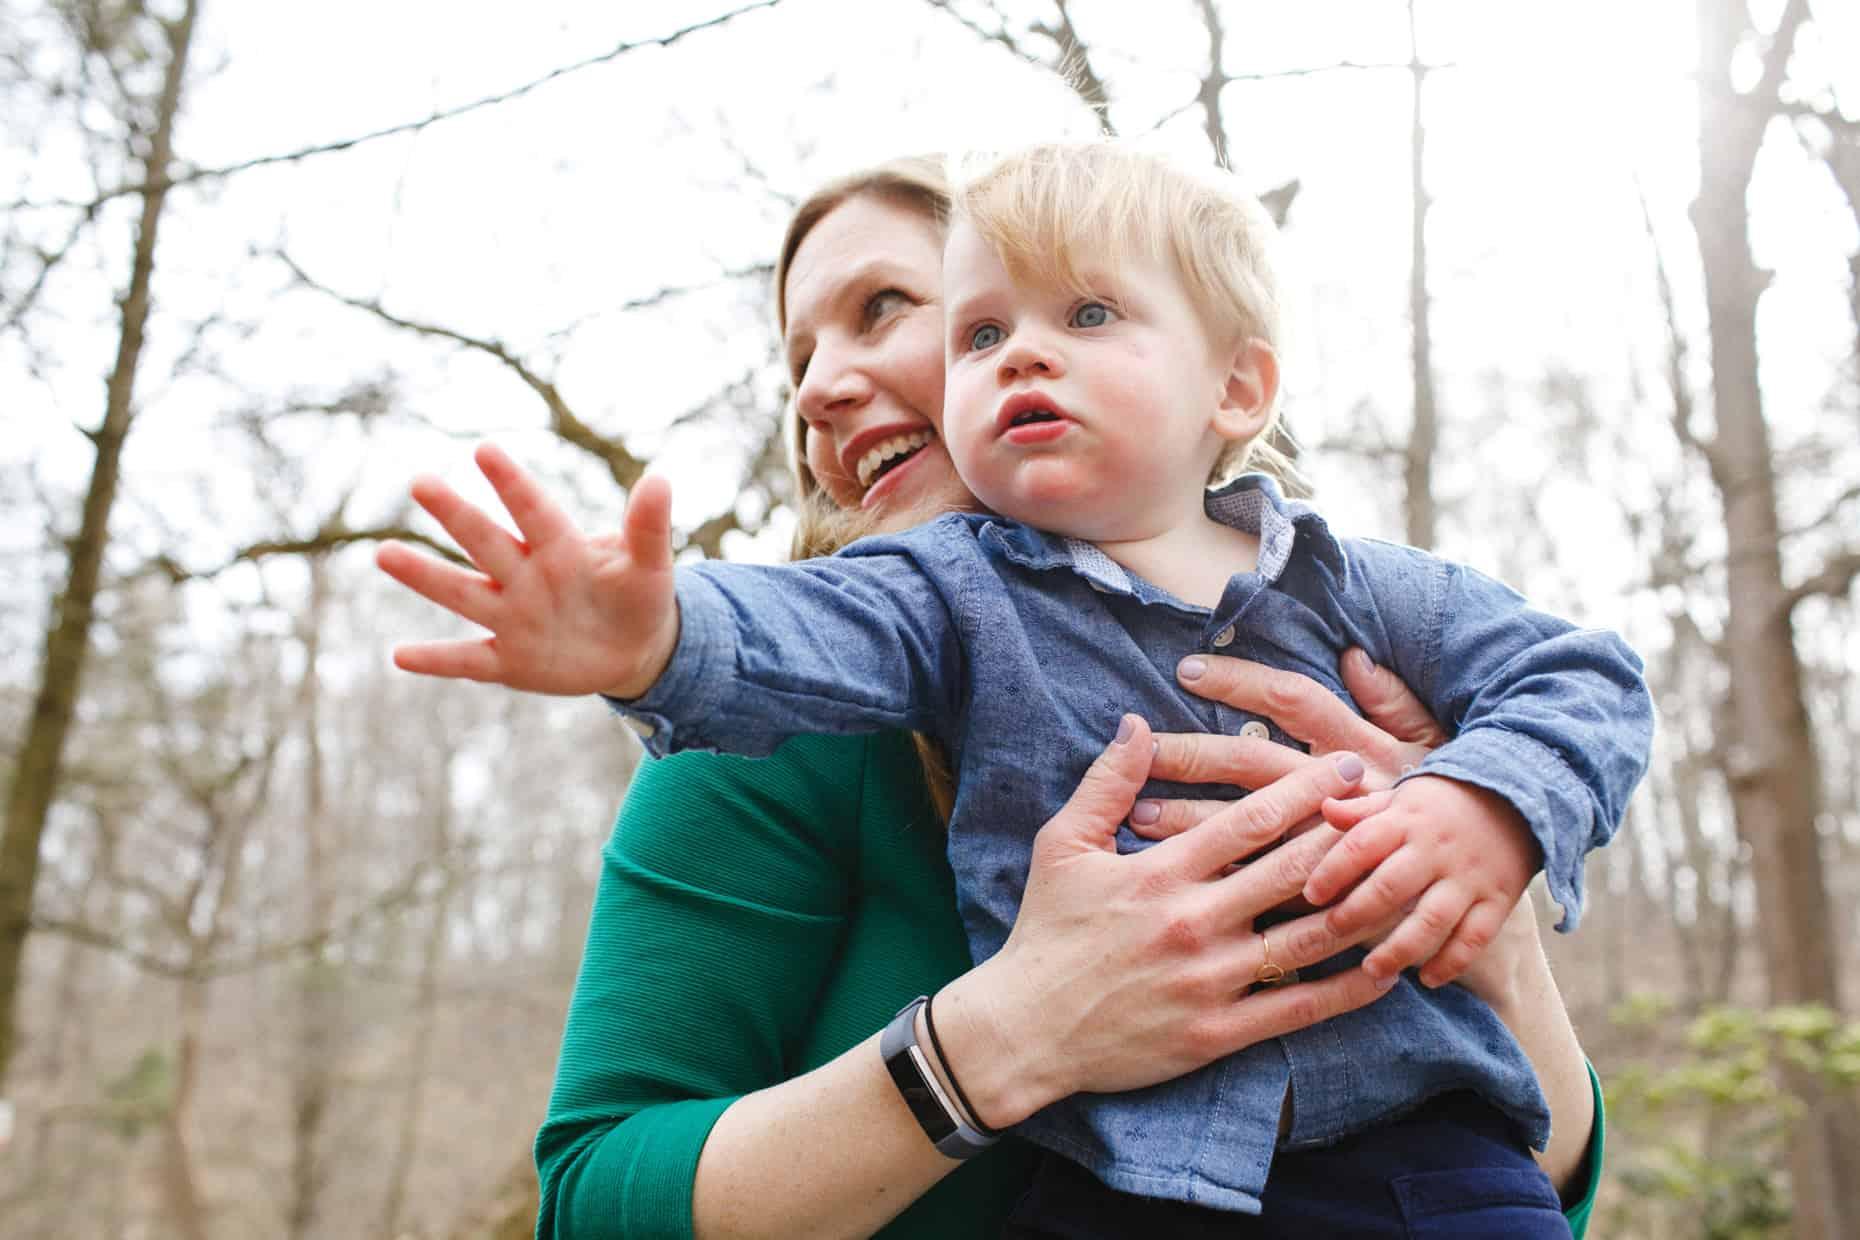 Wissahickon Family Photos